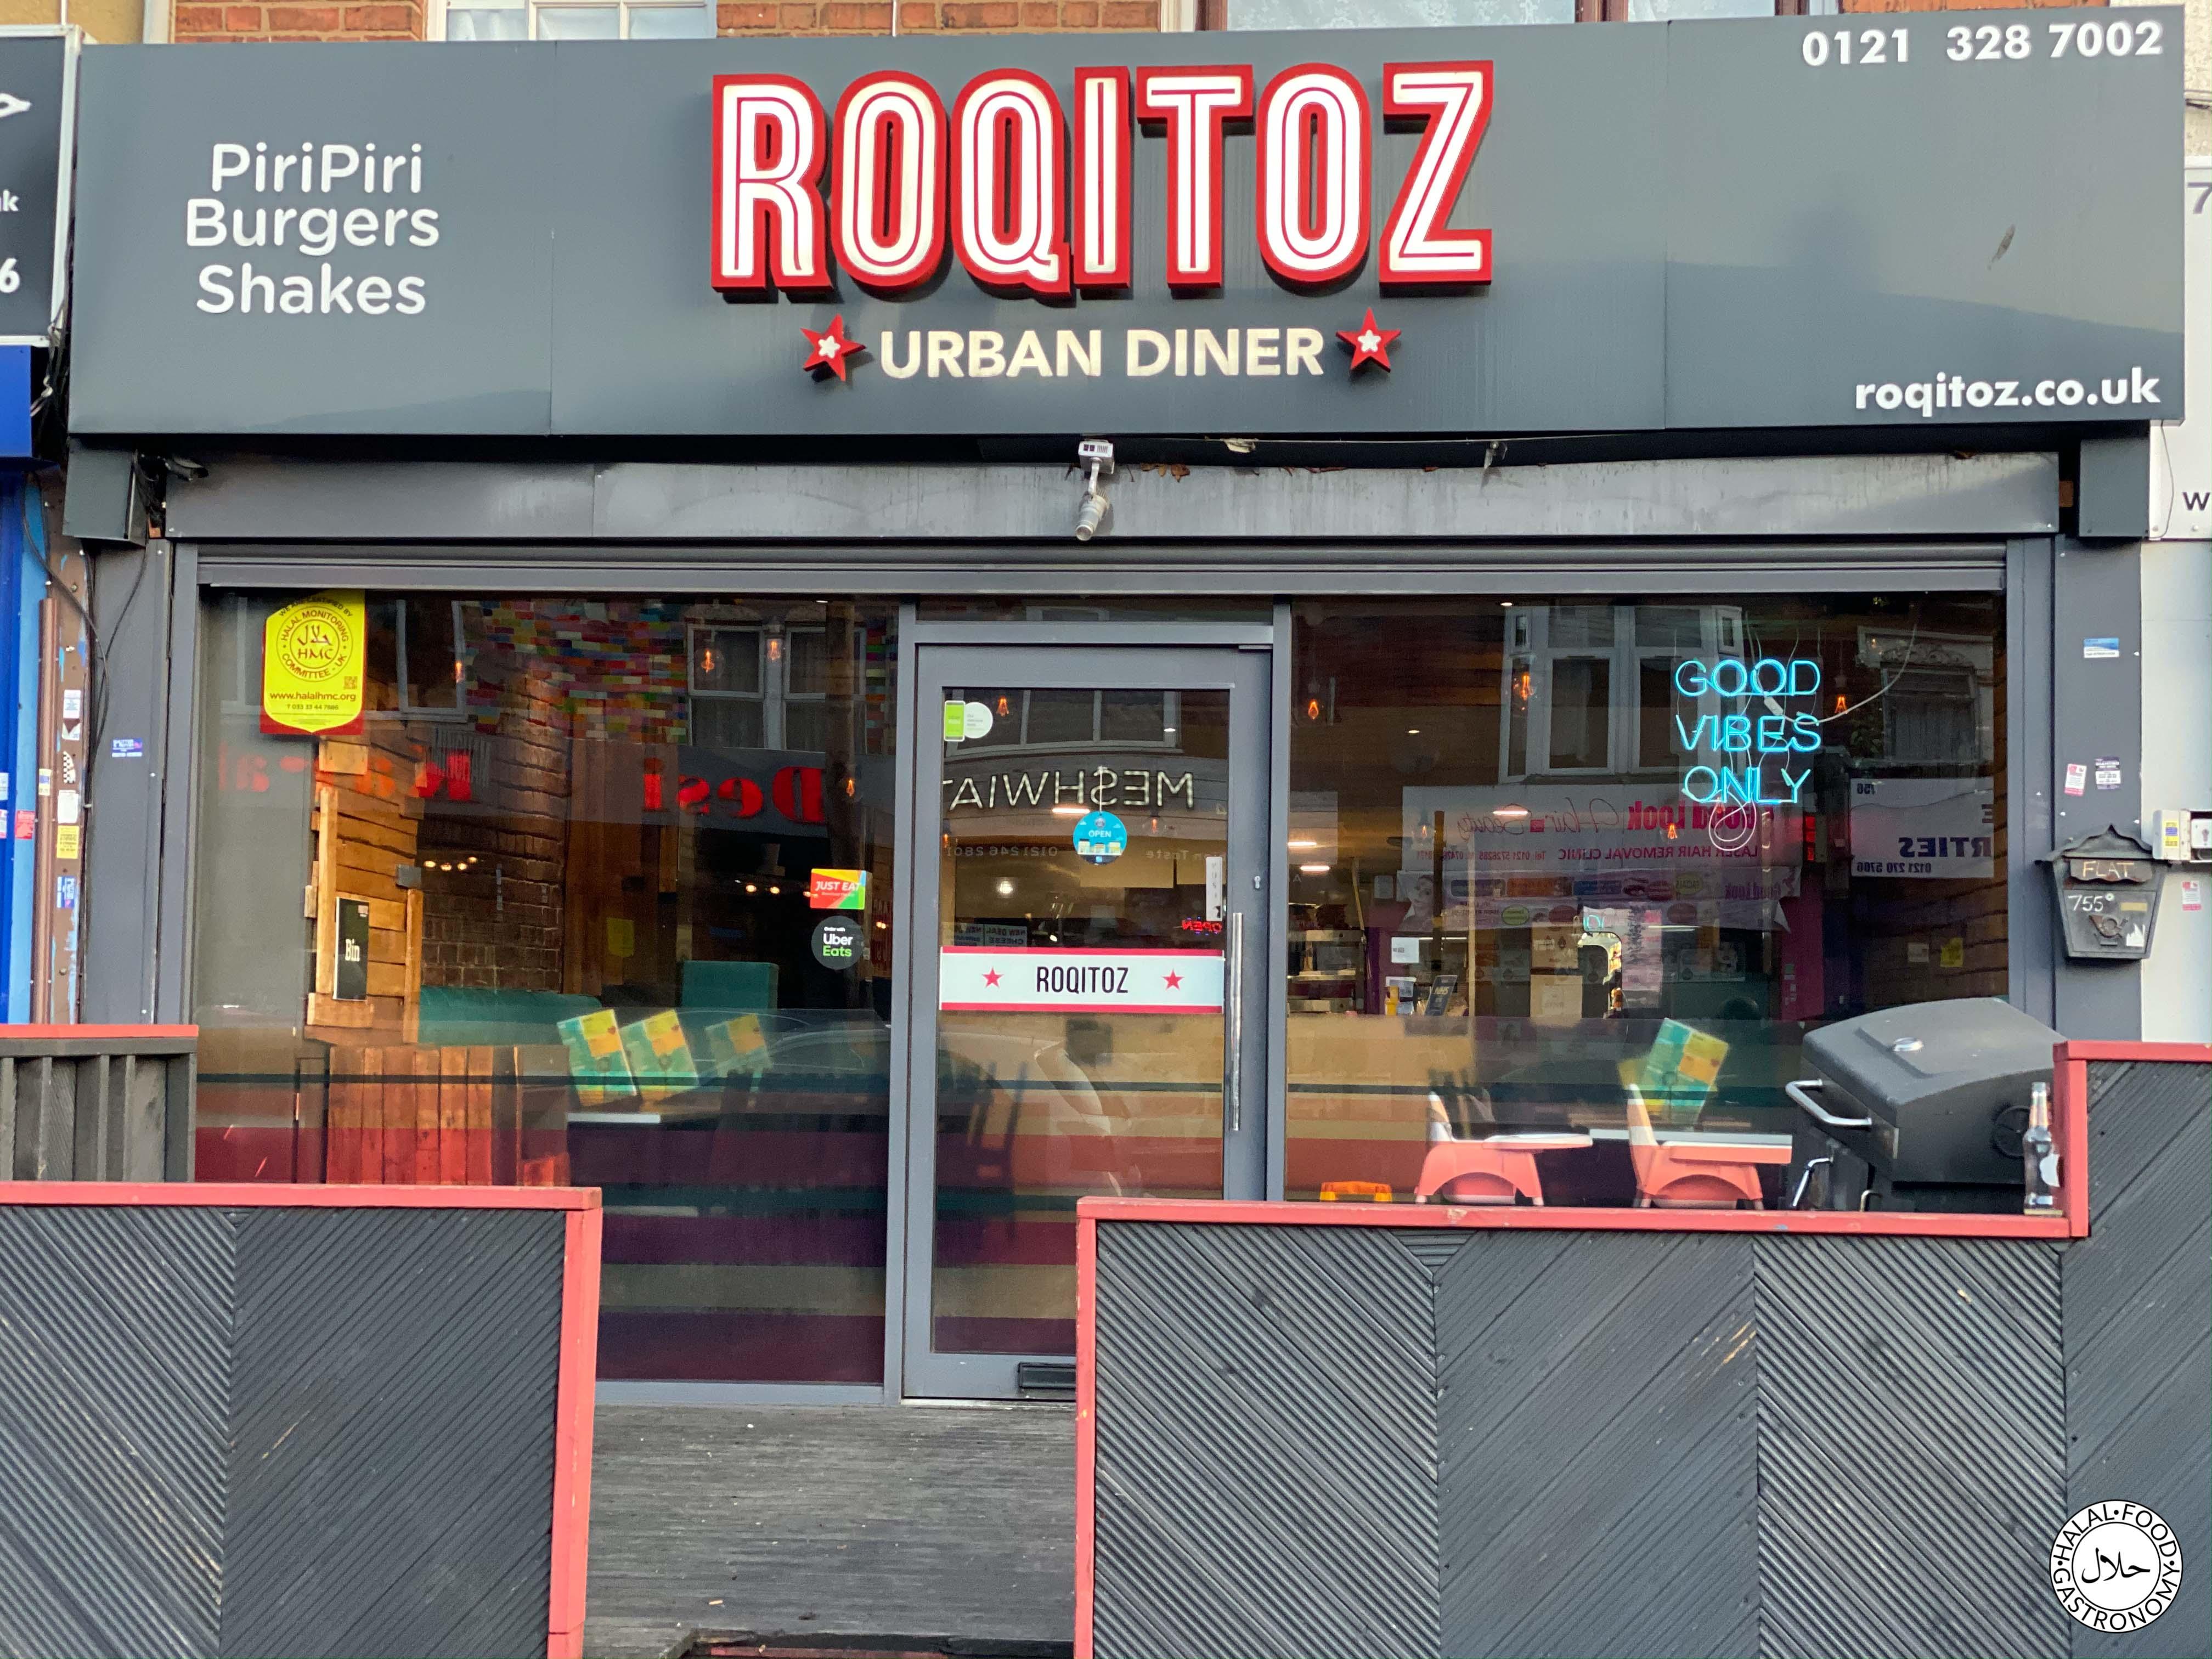 Roqitoz Urban Diner Birmingham Halal Food Gastronomy